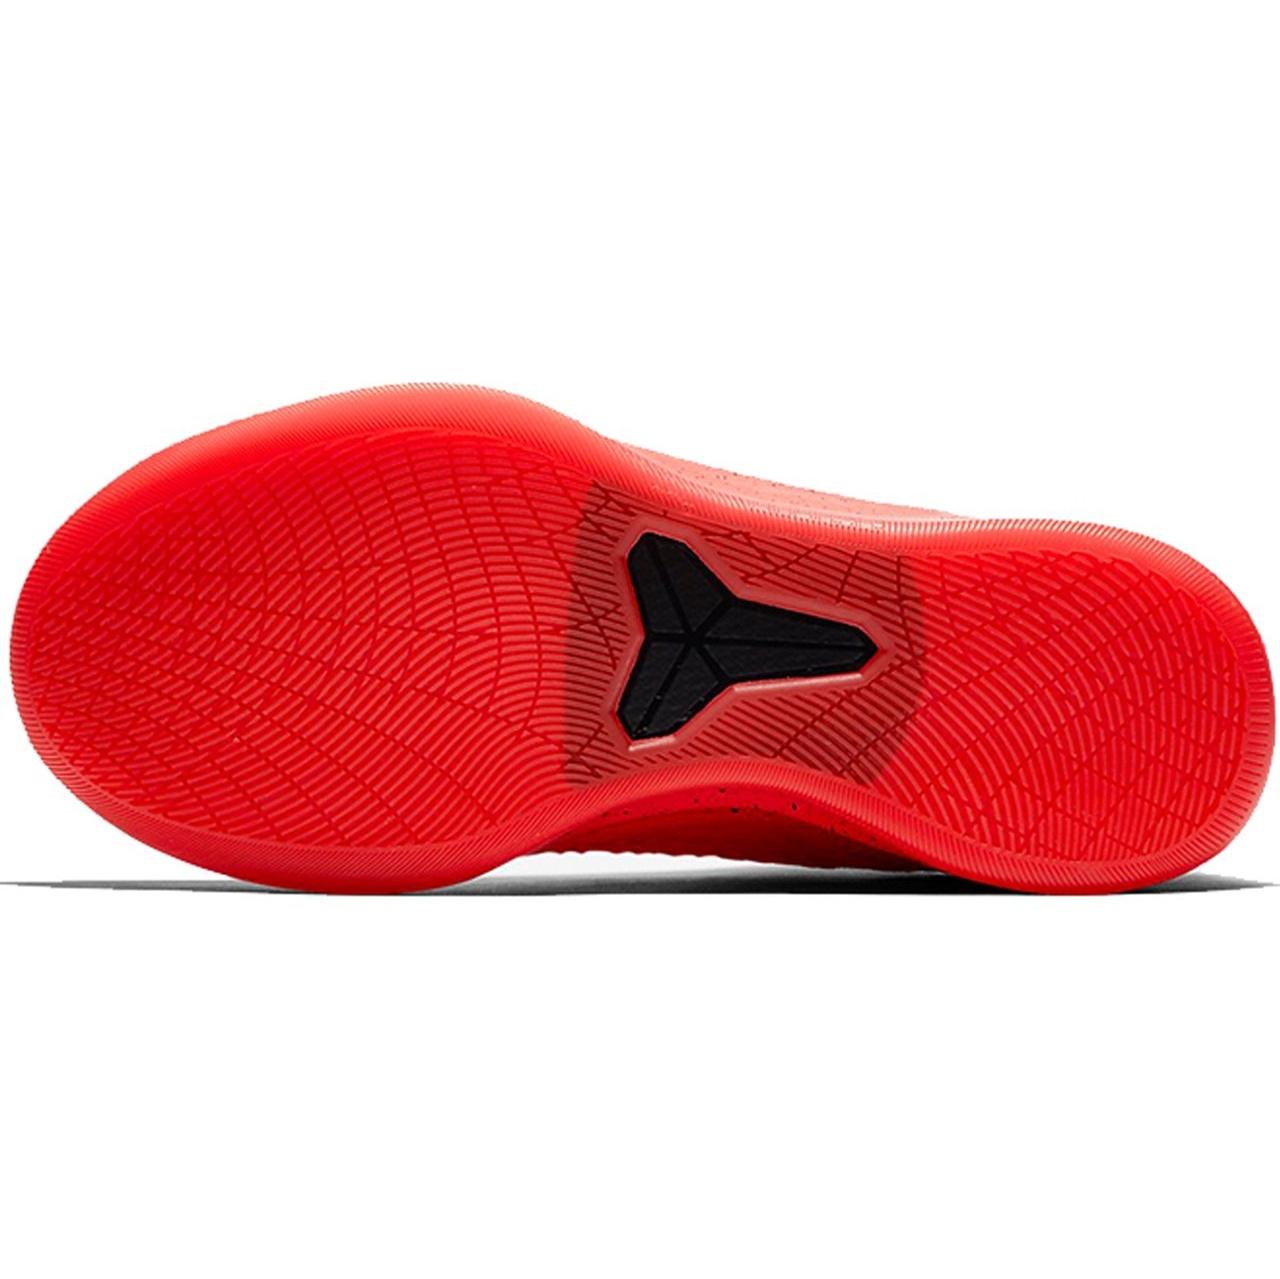 کفش ورزشی مخصوص دویدن و پیاده روی مردانه نایکی مدل Nike Kobe Red  main 1 3